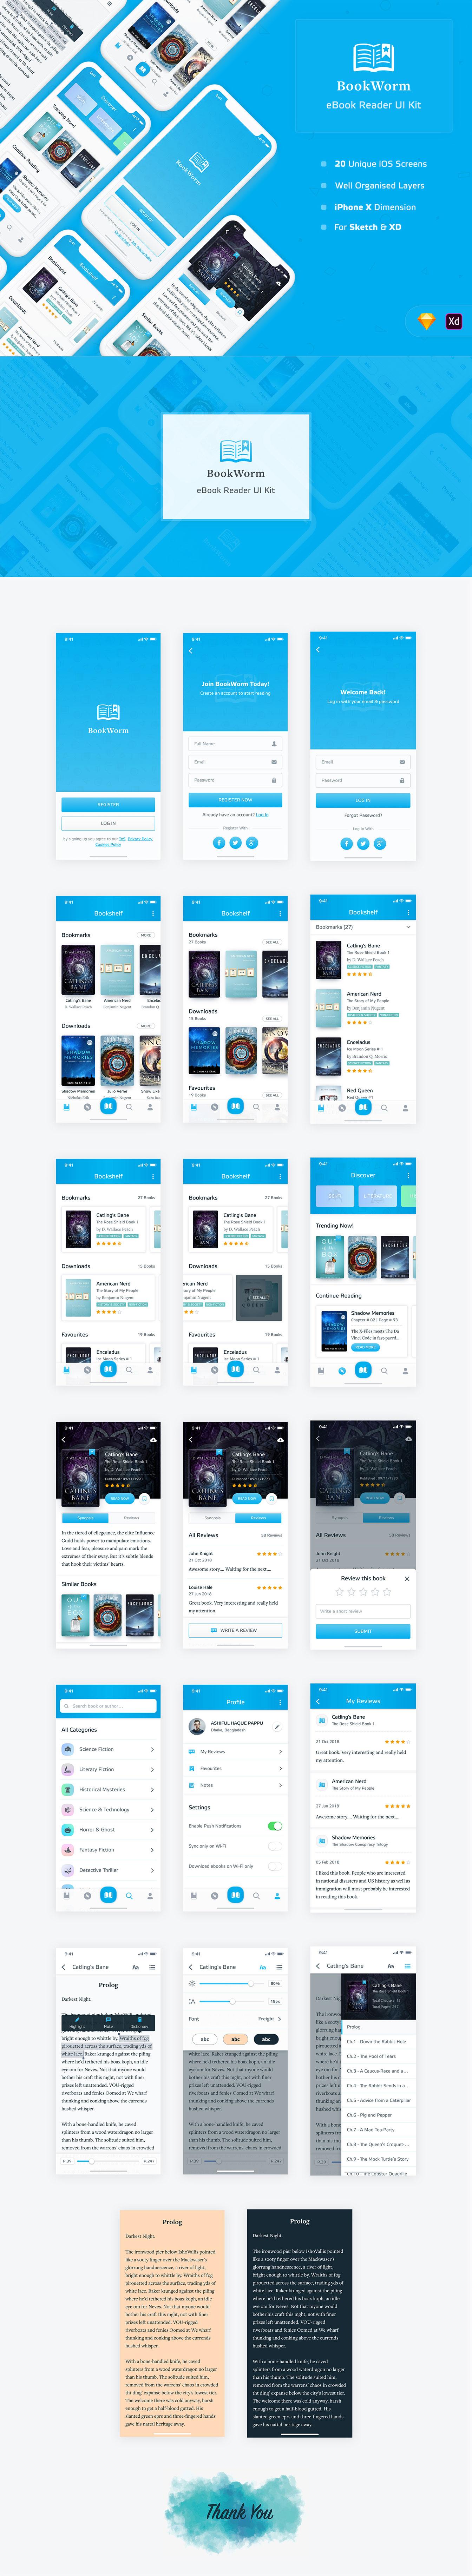 完美的手机应用电子书阅读APP UI KITS下载[Sketch,XD] BookWorm eBook Reader UI Kit